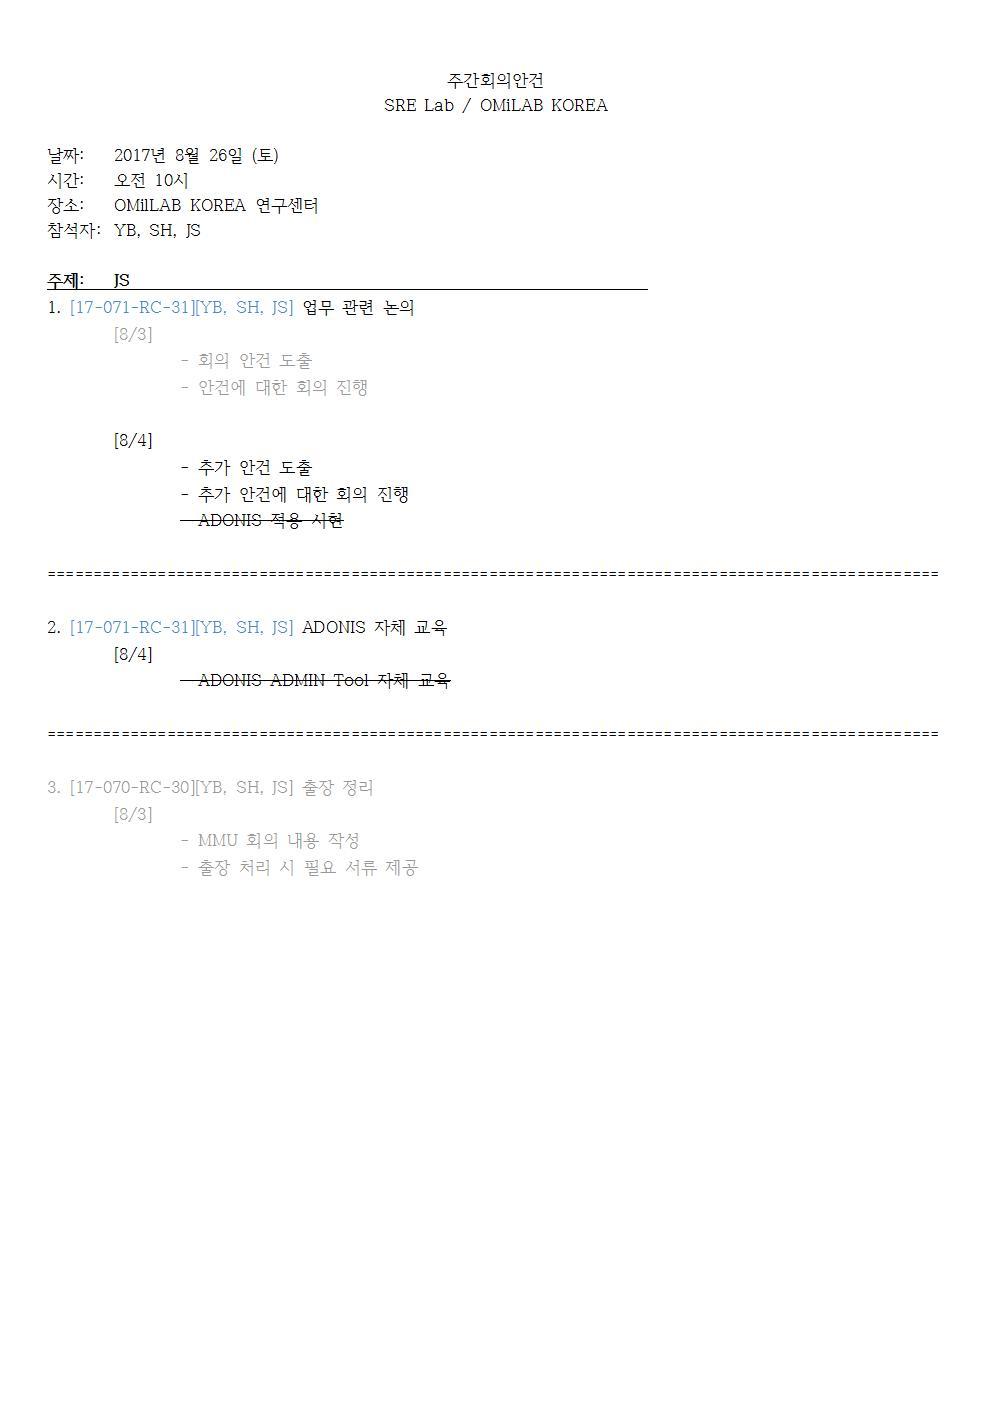 6-토-2017-08-26-CHECK(JS)001.jpg